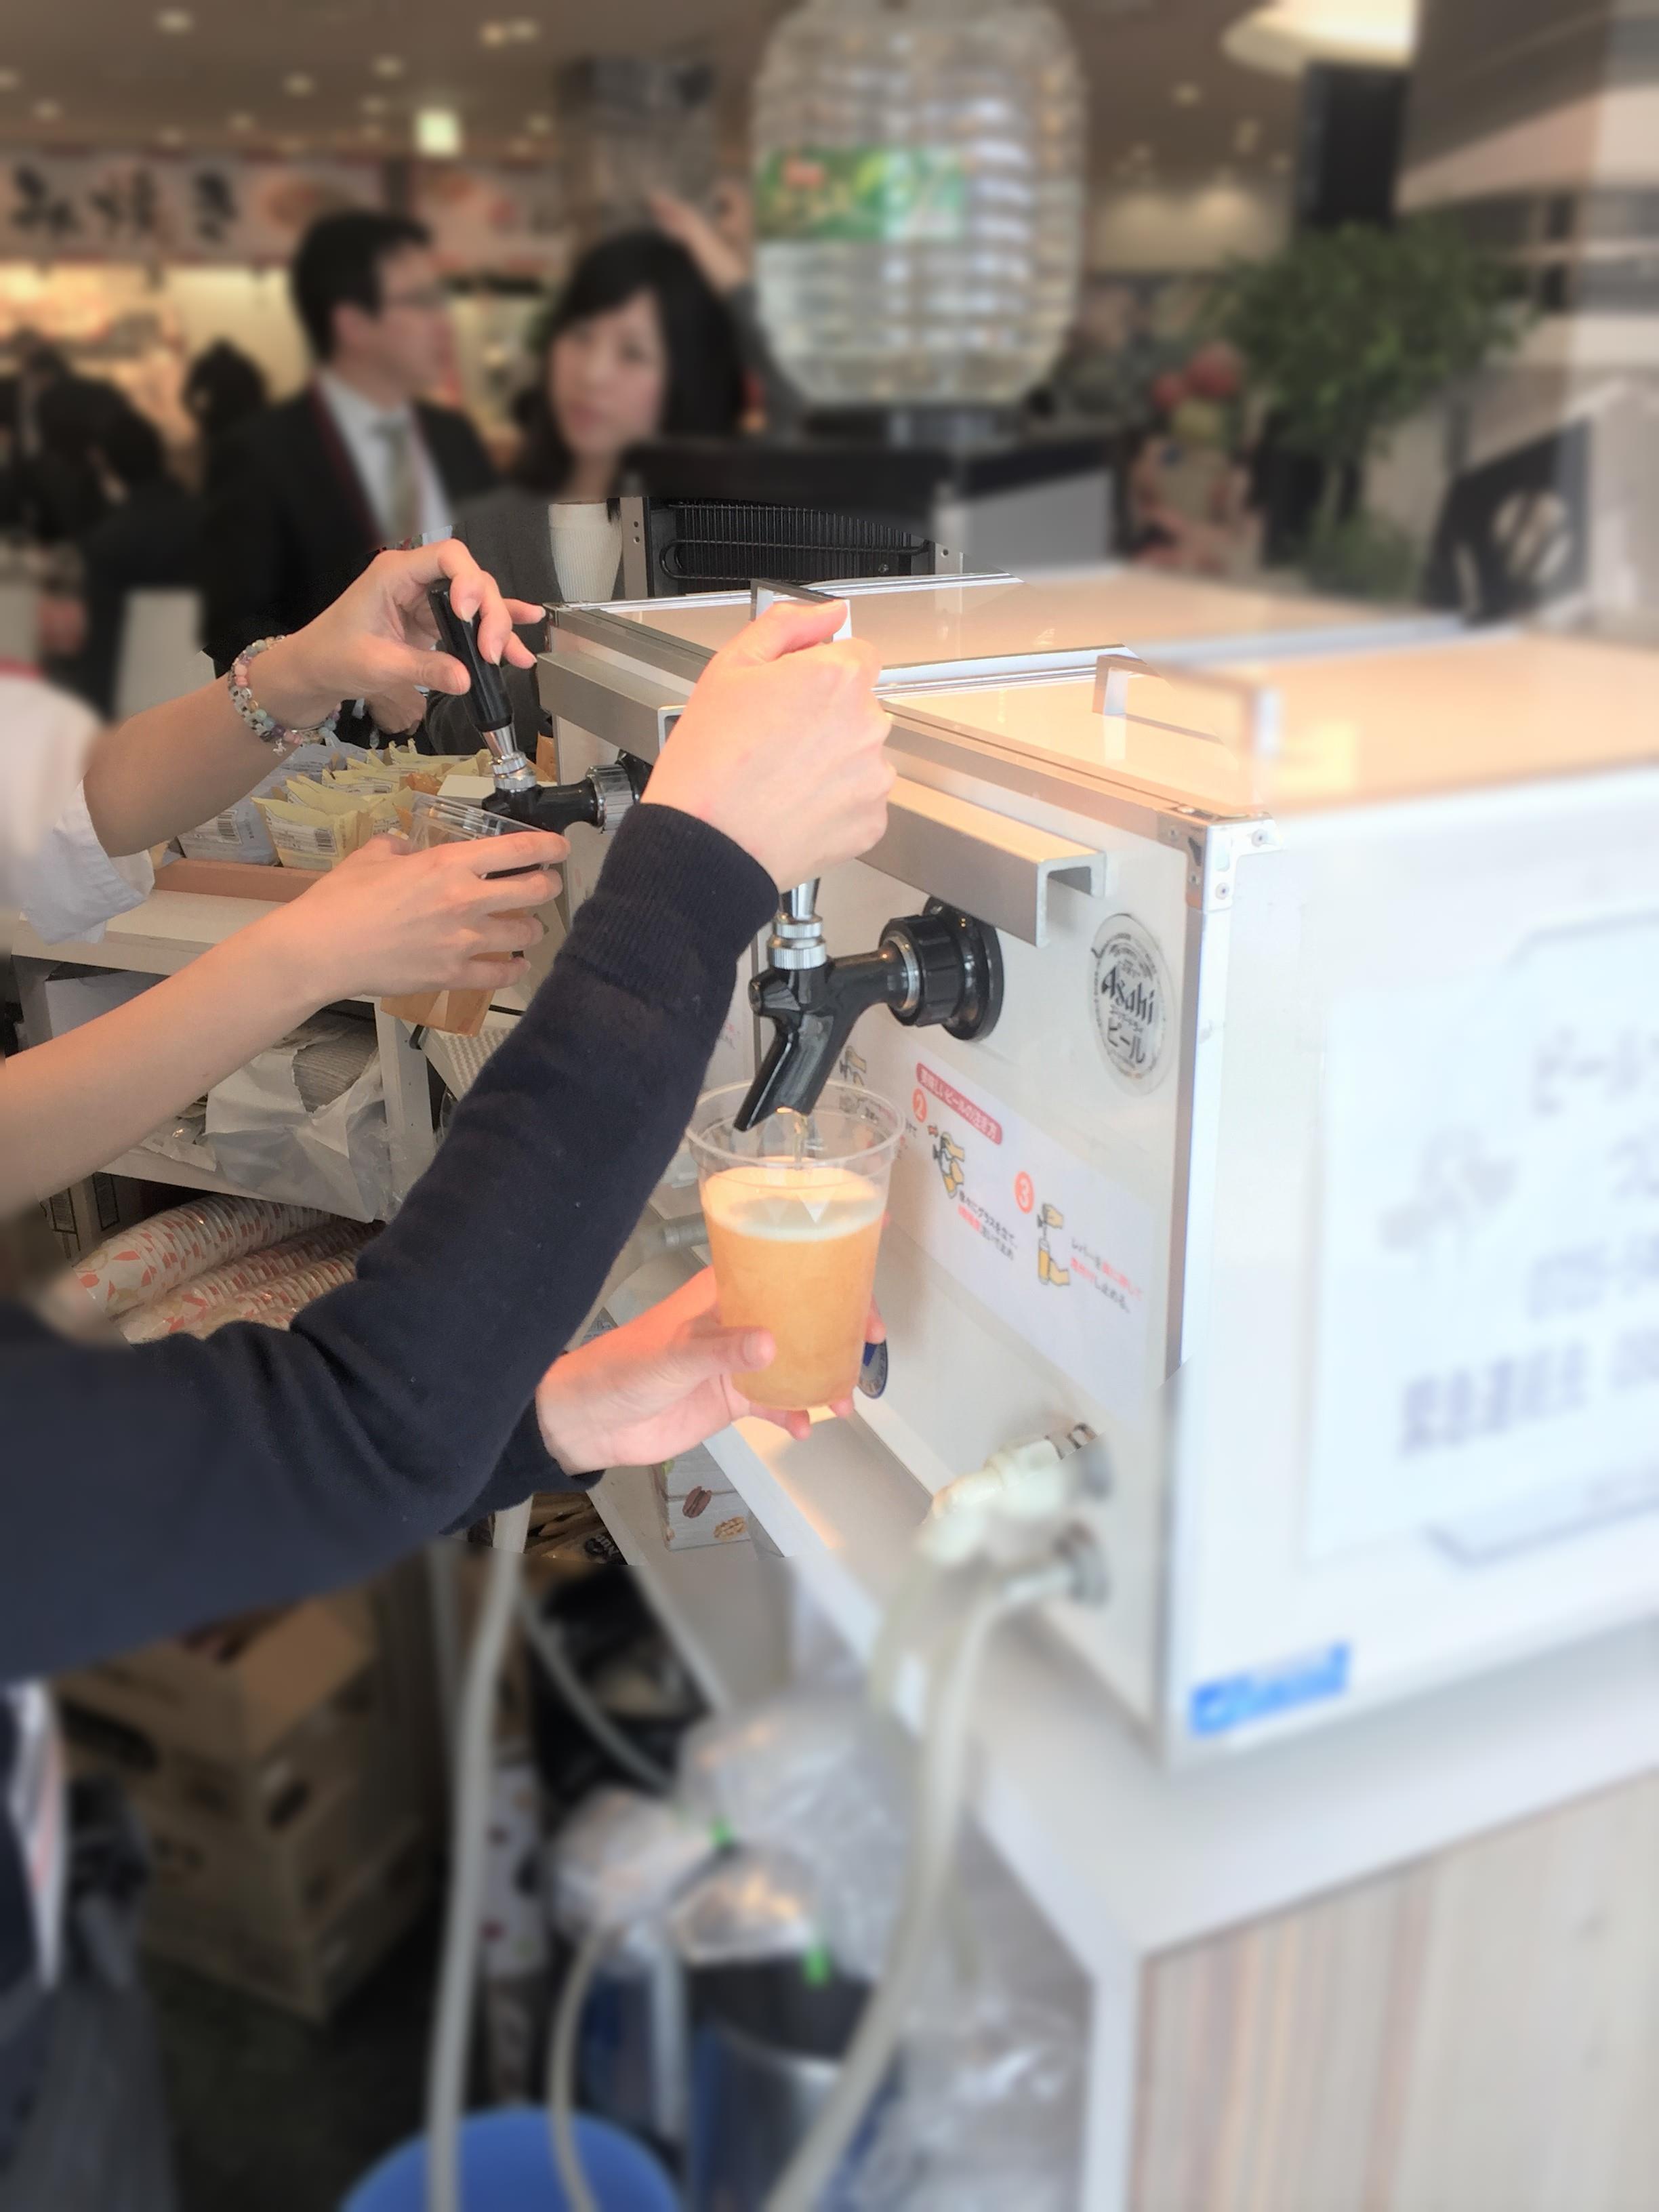 大阪国際会議場 生ビール ケータリング